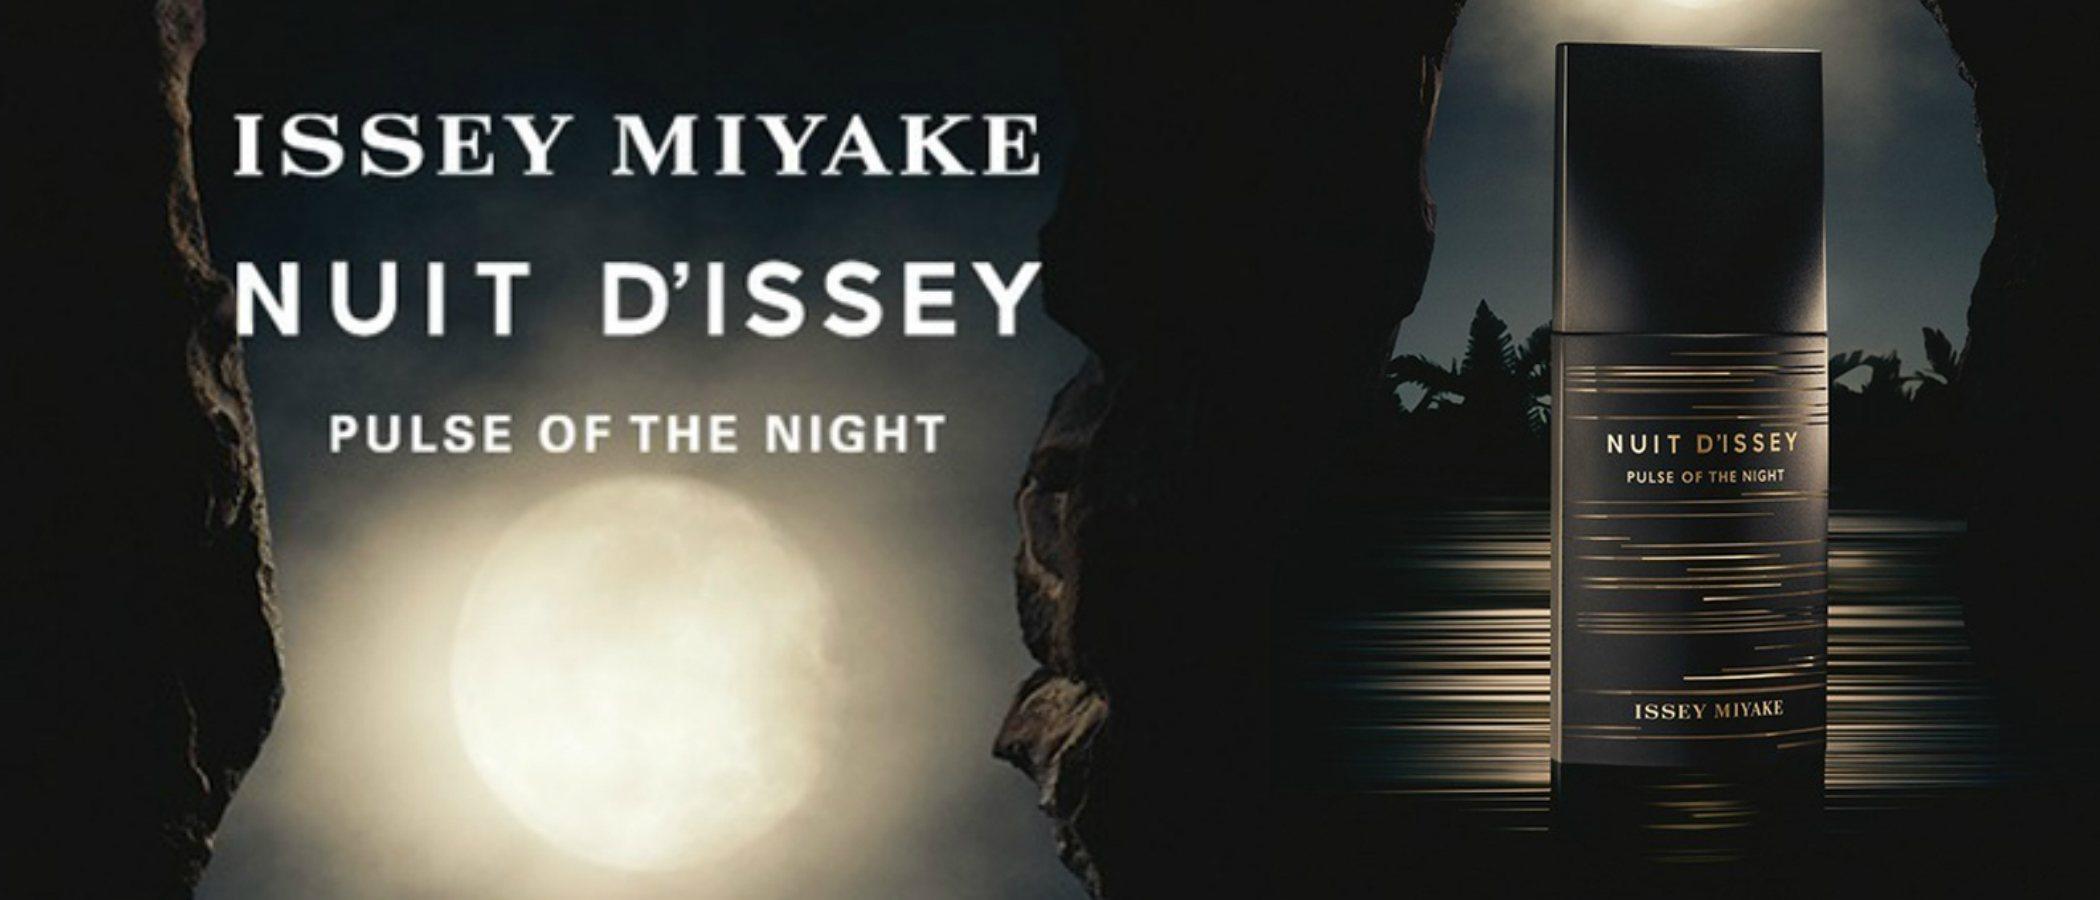 Issey Miyake amplía su línea 'Nuit d'Issey' con el lanzamiento del perfume 'Nuit d'Issey Pulse Of The Night'